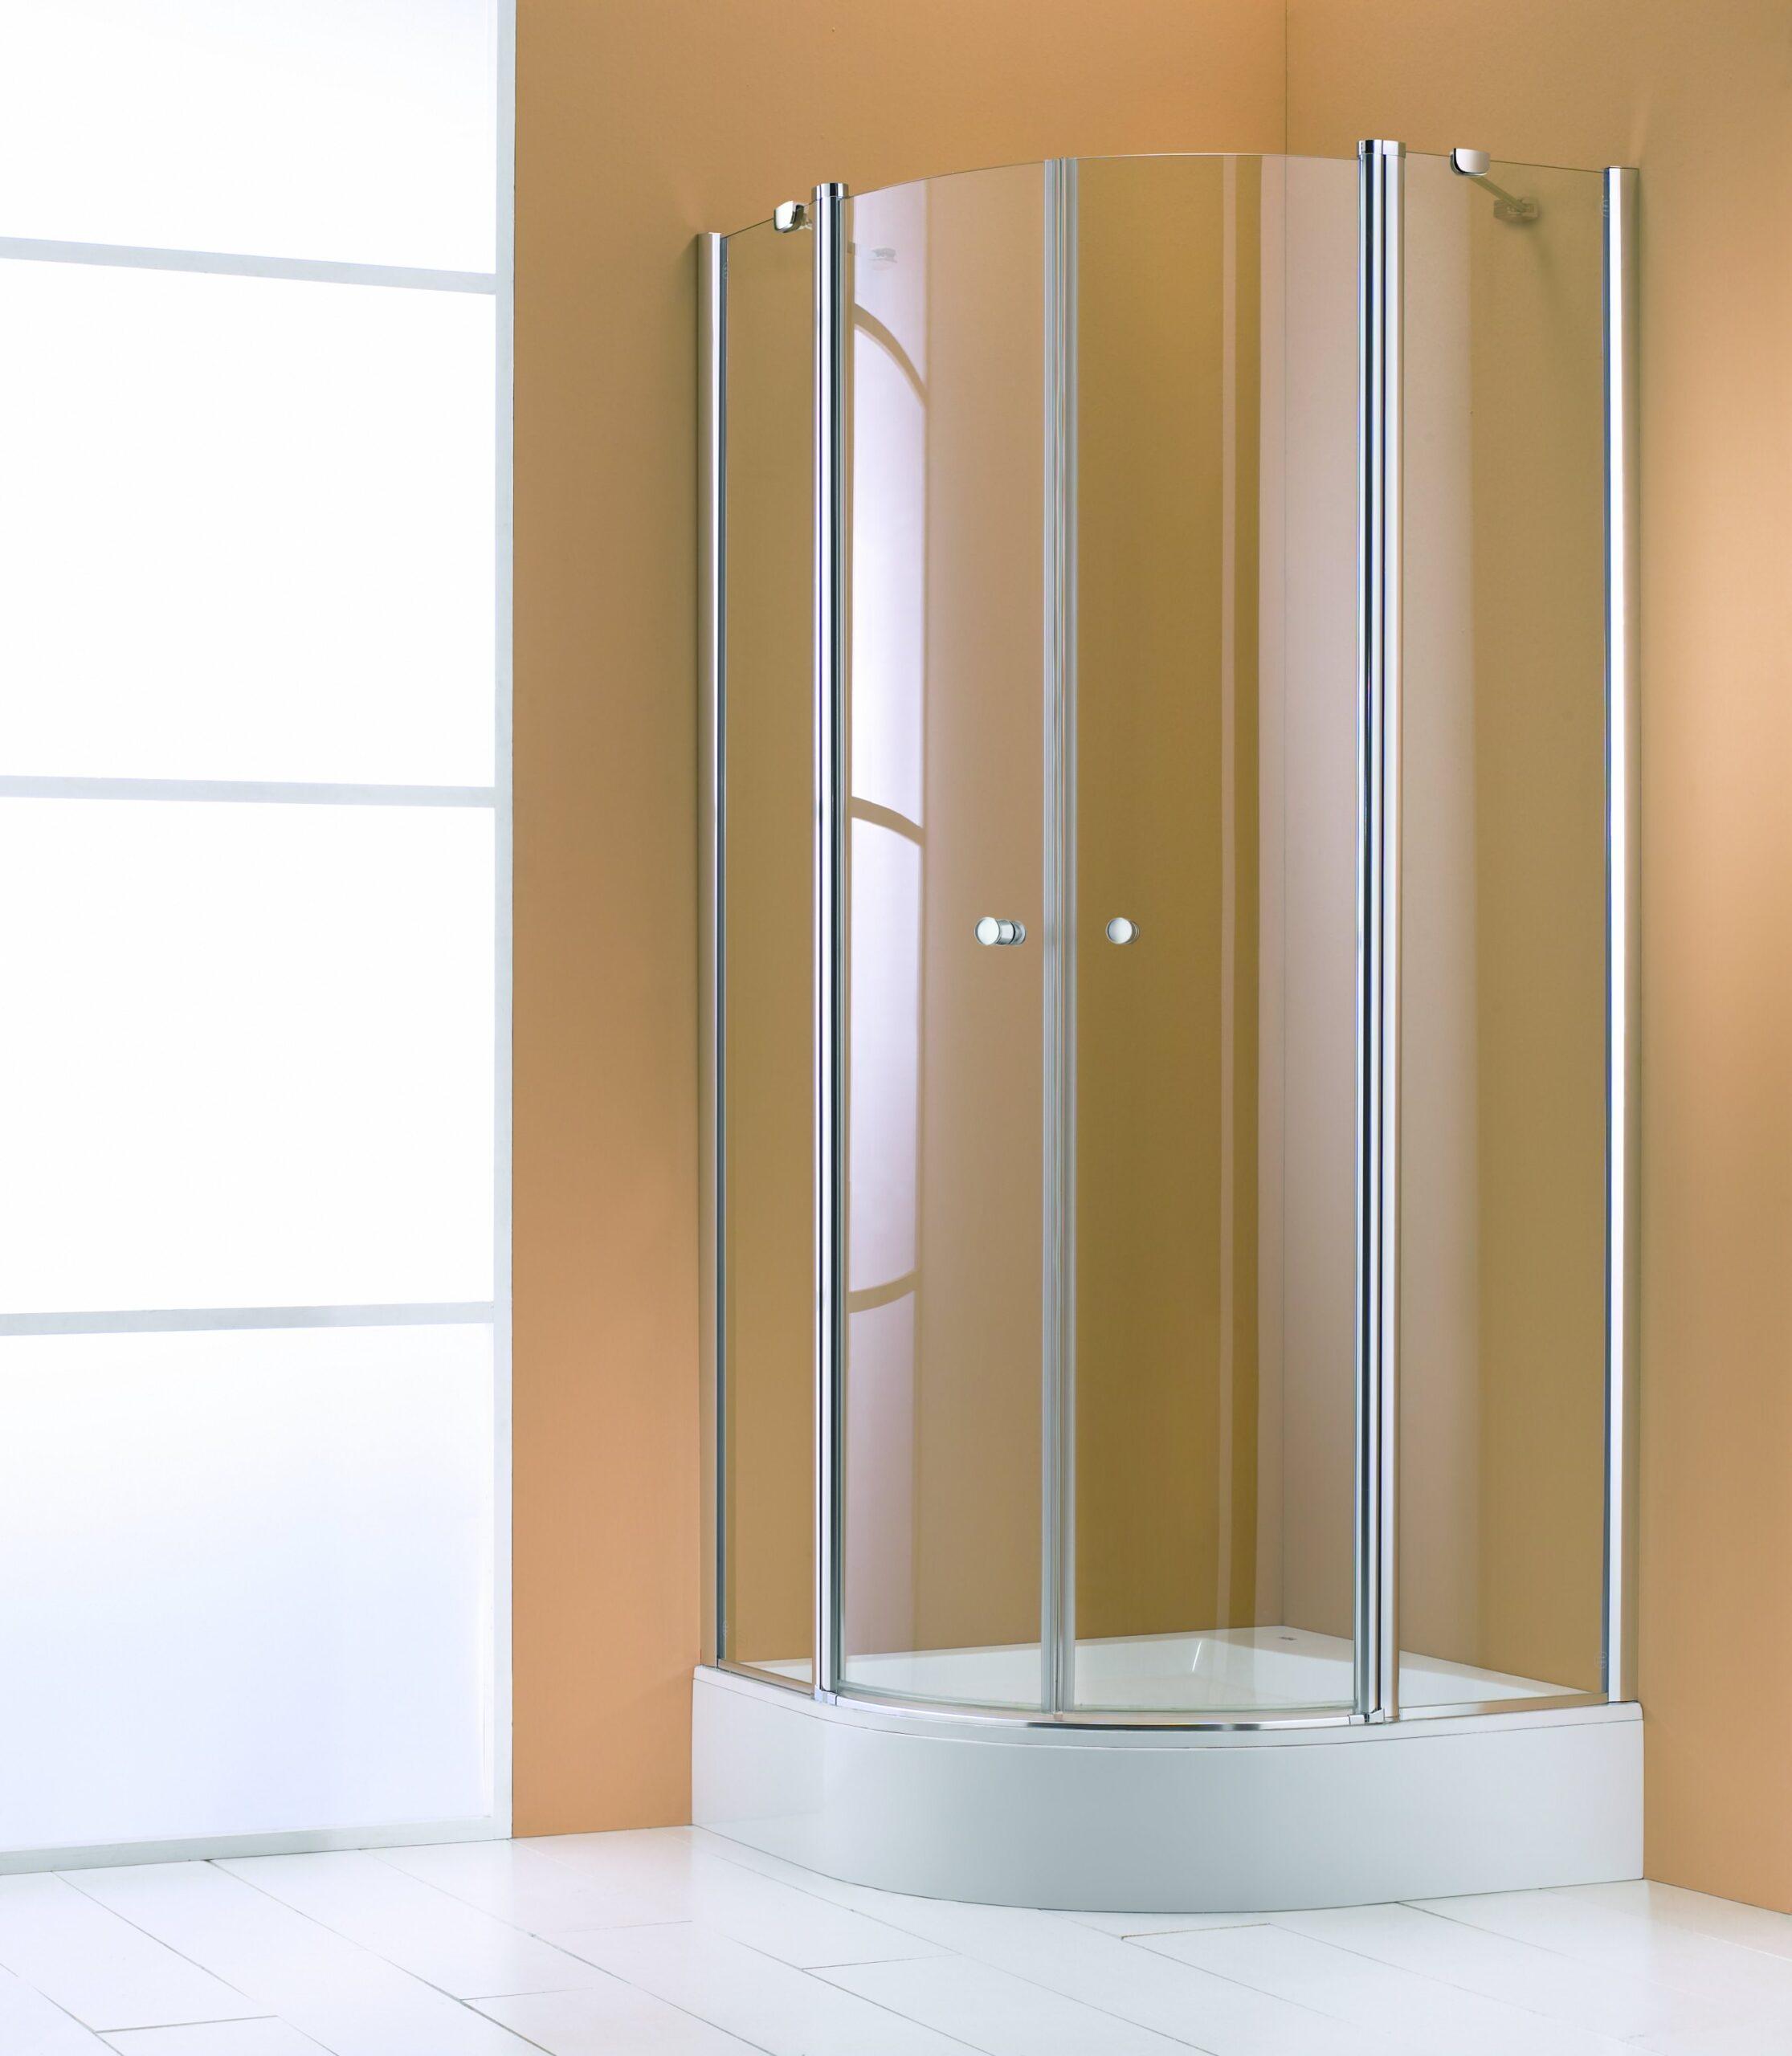 Full Size of Hppe 501 Design Pure Viertelkreisdusche Mit Festen Segmenten 2 Hüppe Duschen Kaufen Hsk Schulte Werksverkauf Breuer Bodengleiche Begehbare Sprinz Dusche Dusche Hüppe Duschen